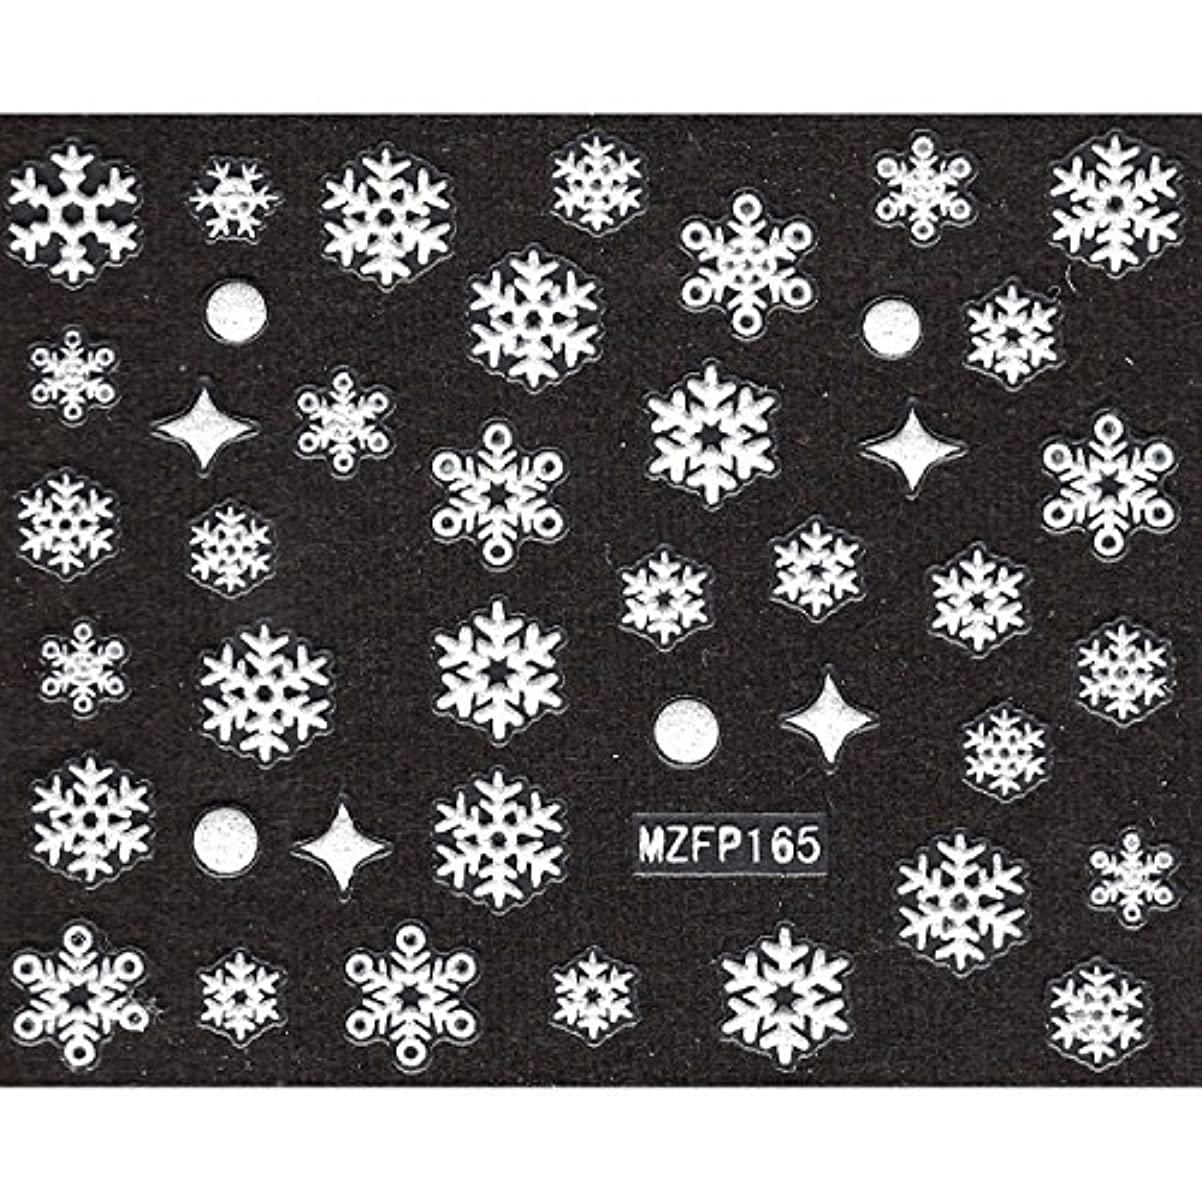 ハブ許す豪華なネイルシール 雪の結晶 選べる24種類 (Sb-01)